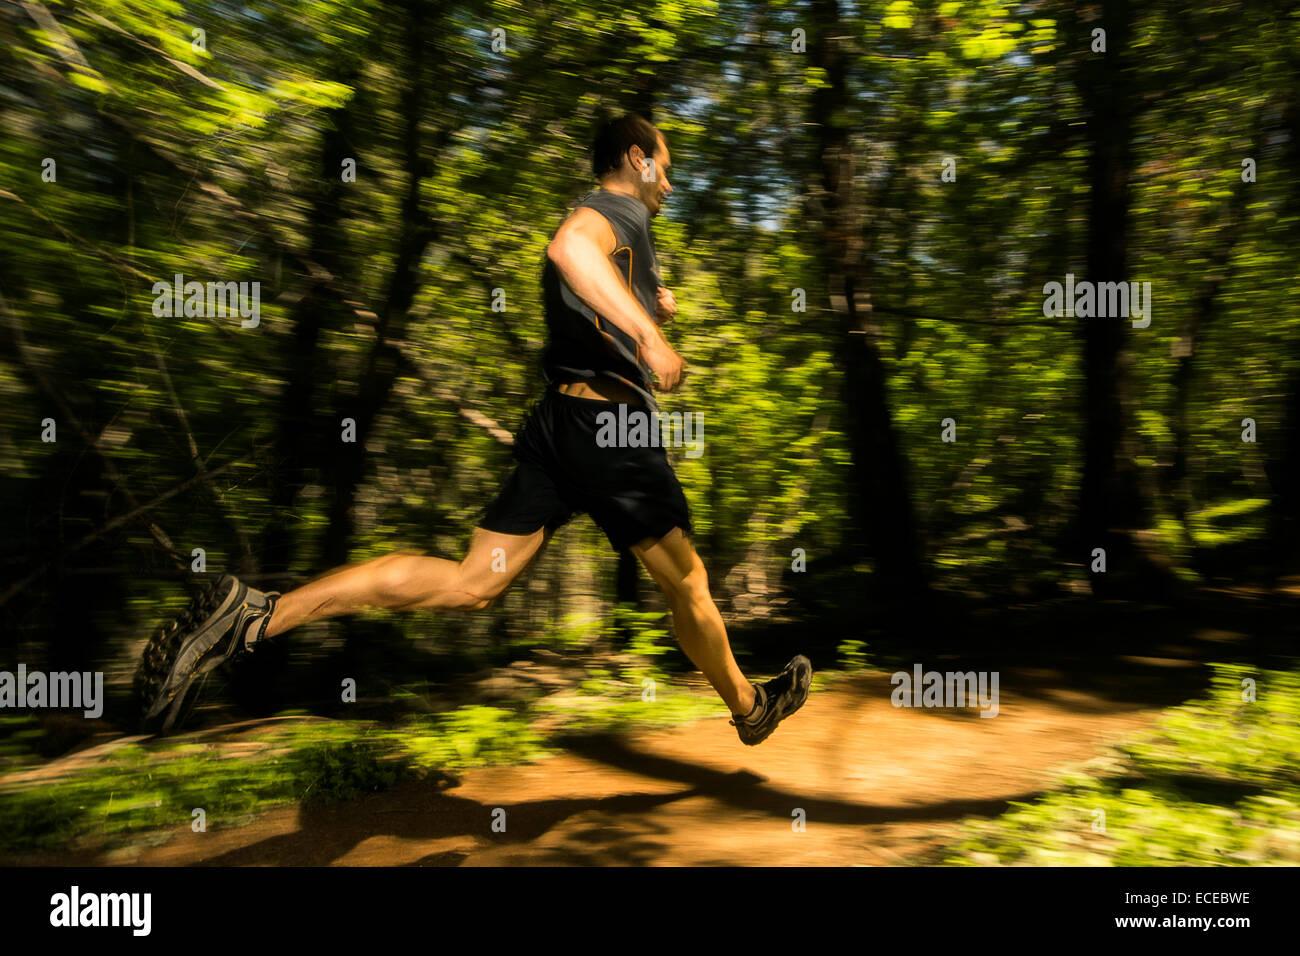 Athletic hombre corriendo en camino a través del bosque Imagen De Stock